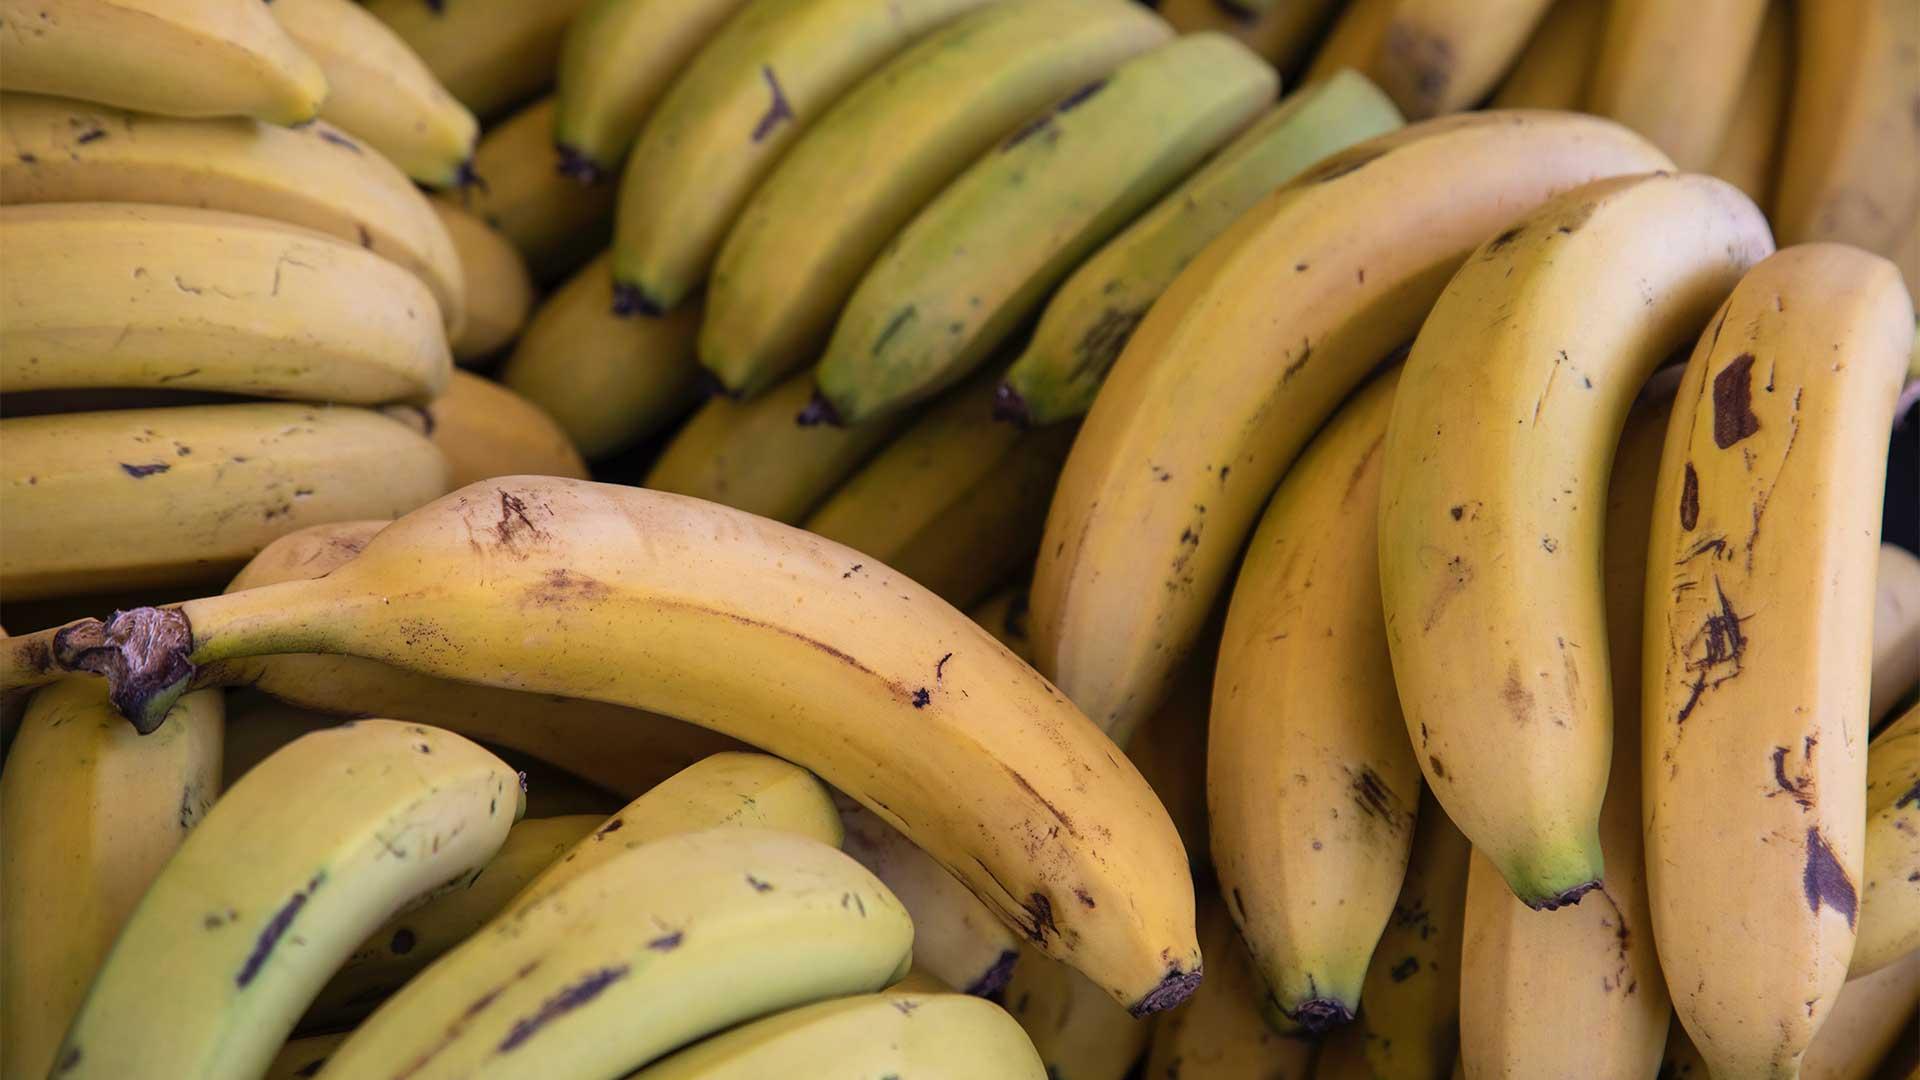 Nahaufnahme übereinander gestapelter Bananen